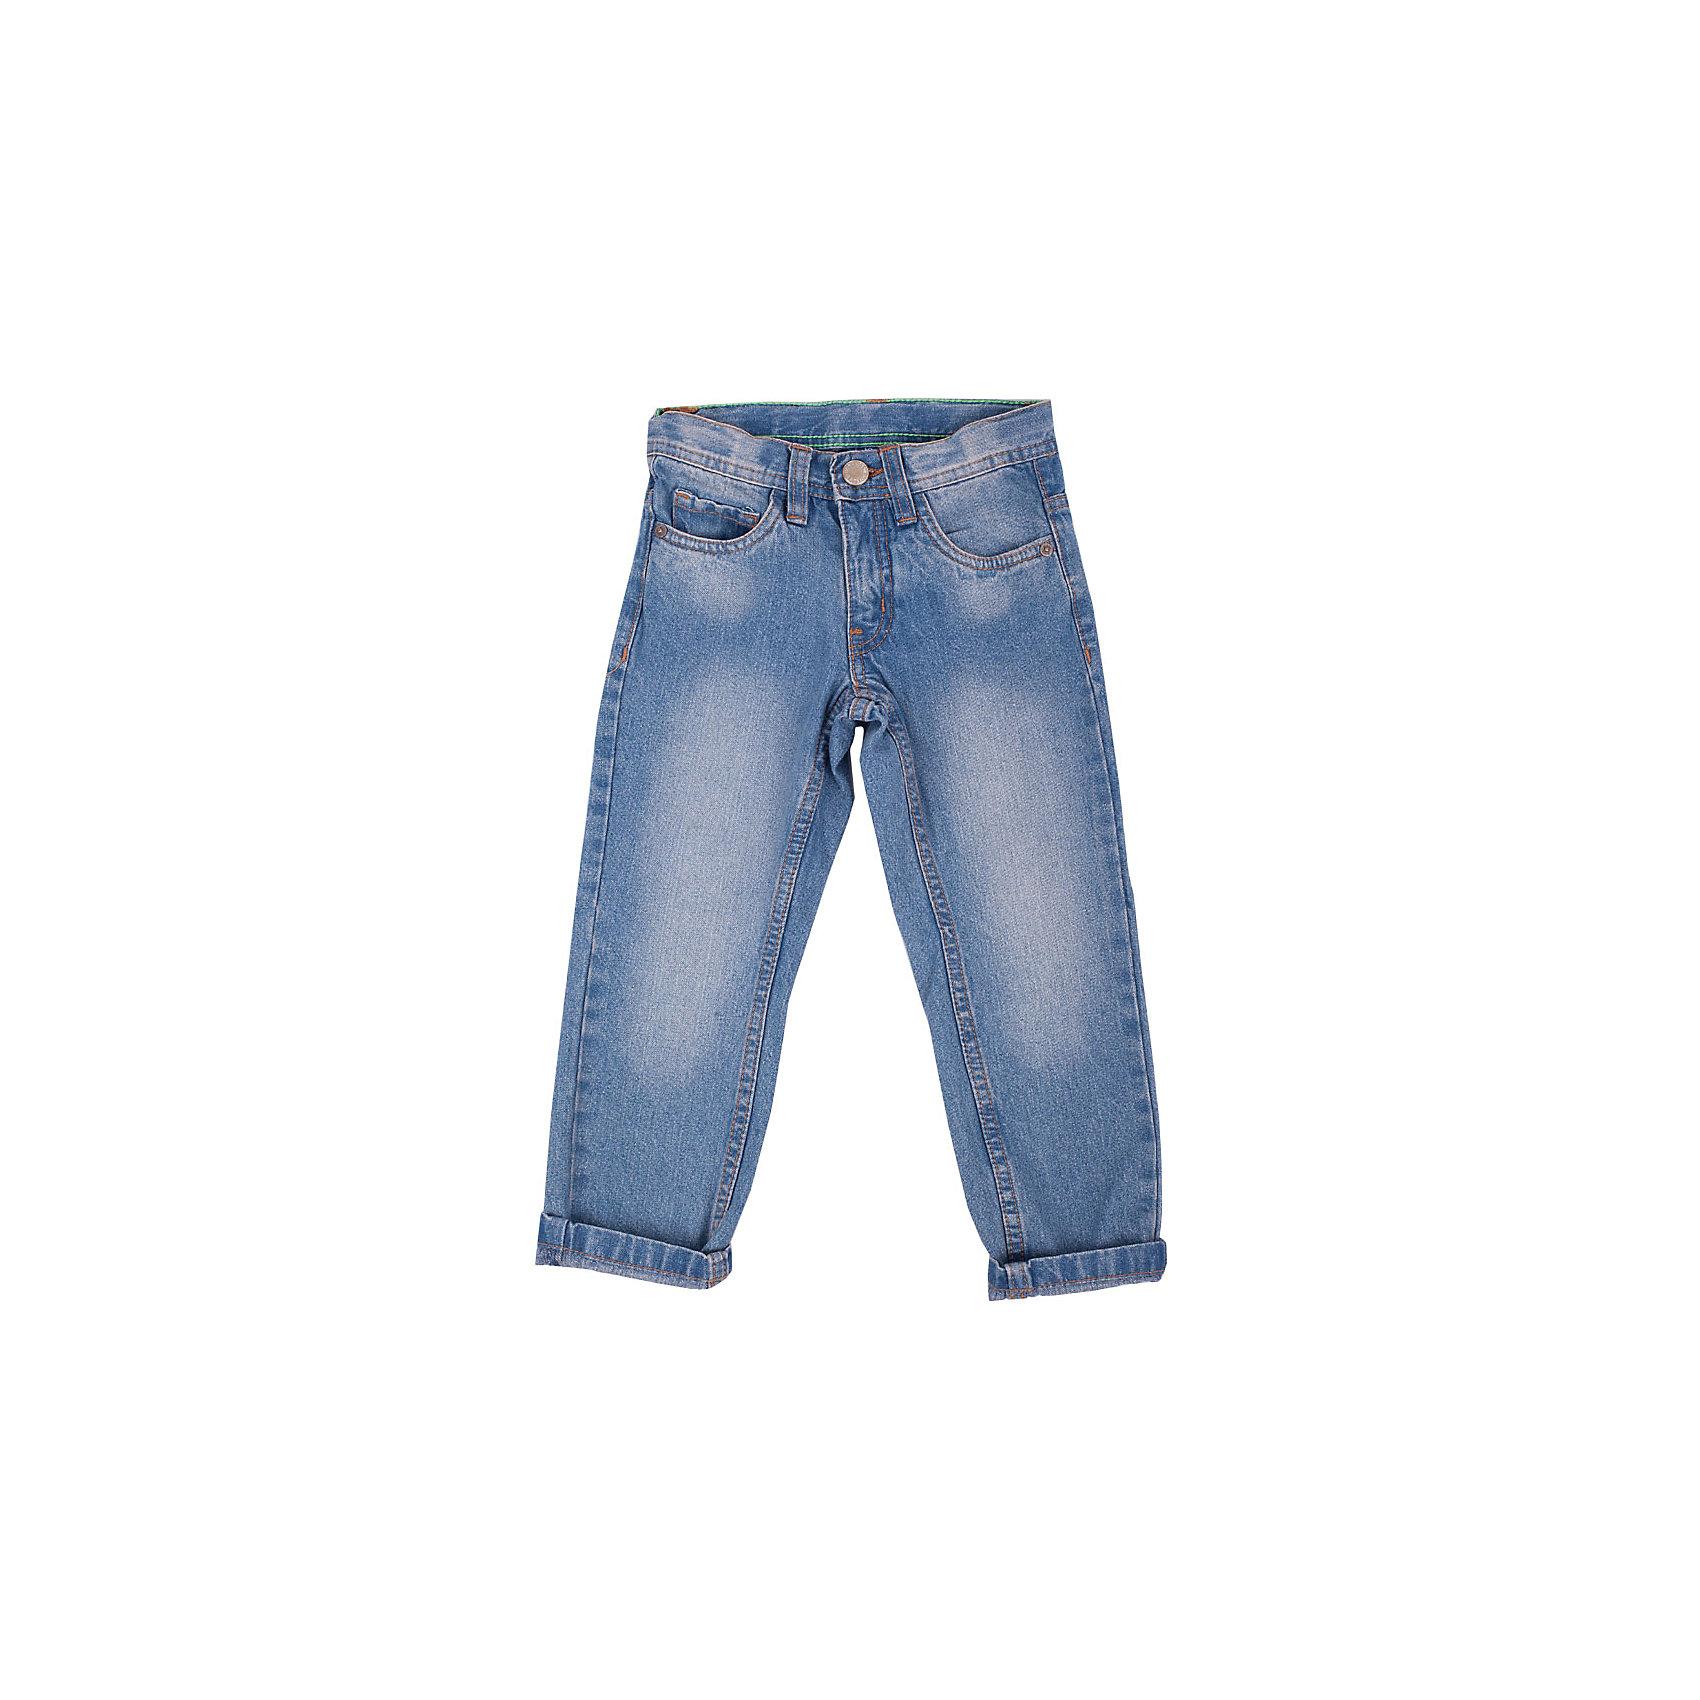 Джинсы для мальчика Button BlueКлассные синие джинсы с потертостями и варкой — залог хорошего настроения! Модный силуэт, удобная посадка на фигуре подарят мальчику комфорт и свободу движений. Отличное качество и доступная цена прилагаются! Купить летние детские джинсы Button Blue, значит, купить классные  джинсы недорого и быть в тренде!<br>Состав:<br>100%хлопок<br><br>Ширина мм: 215<br>Глубина мм: 88<br>Высота мм: 191<br>Вес г: 336<br>Цвет: синий<br>Возраст от месяцев: 24<br>Возраст до месяцев: 36<br>Пол: Мужской<br>Возраст: Детский<br>Размер: 116,134,128,98,146,158,140,110,152,104,122<br>SKU: 4510409